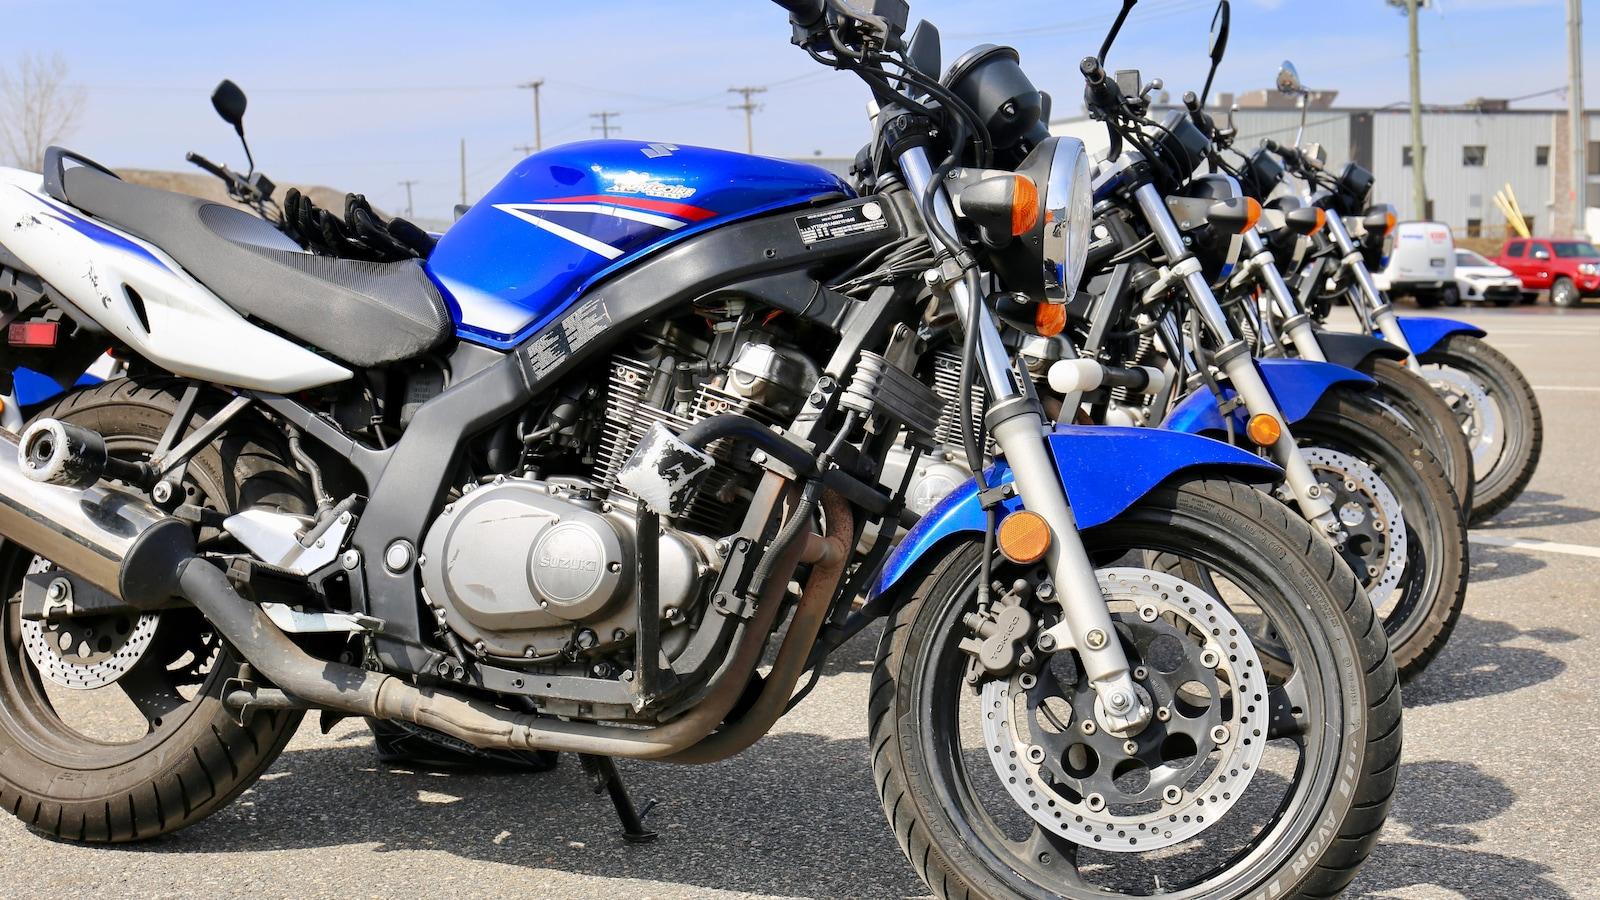 Des motos alignées dans le stationnement d'une école de conduite Tecnic